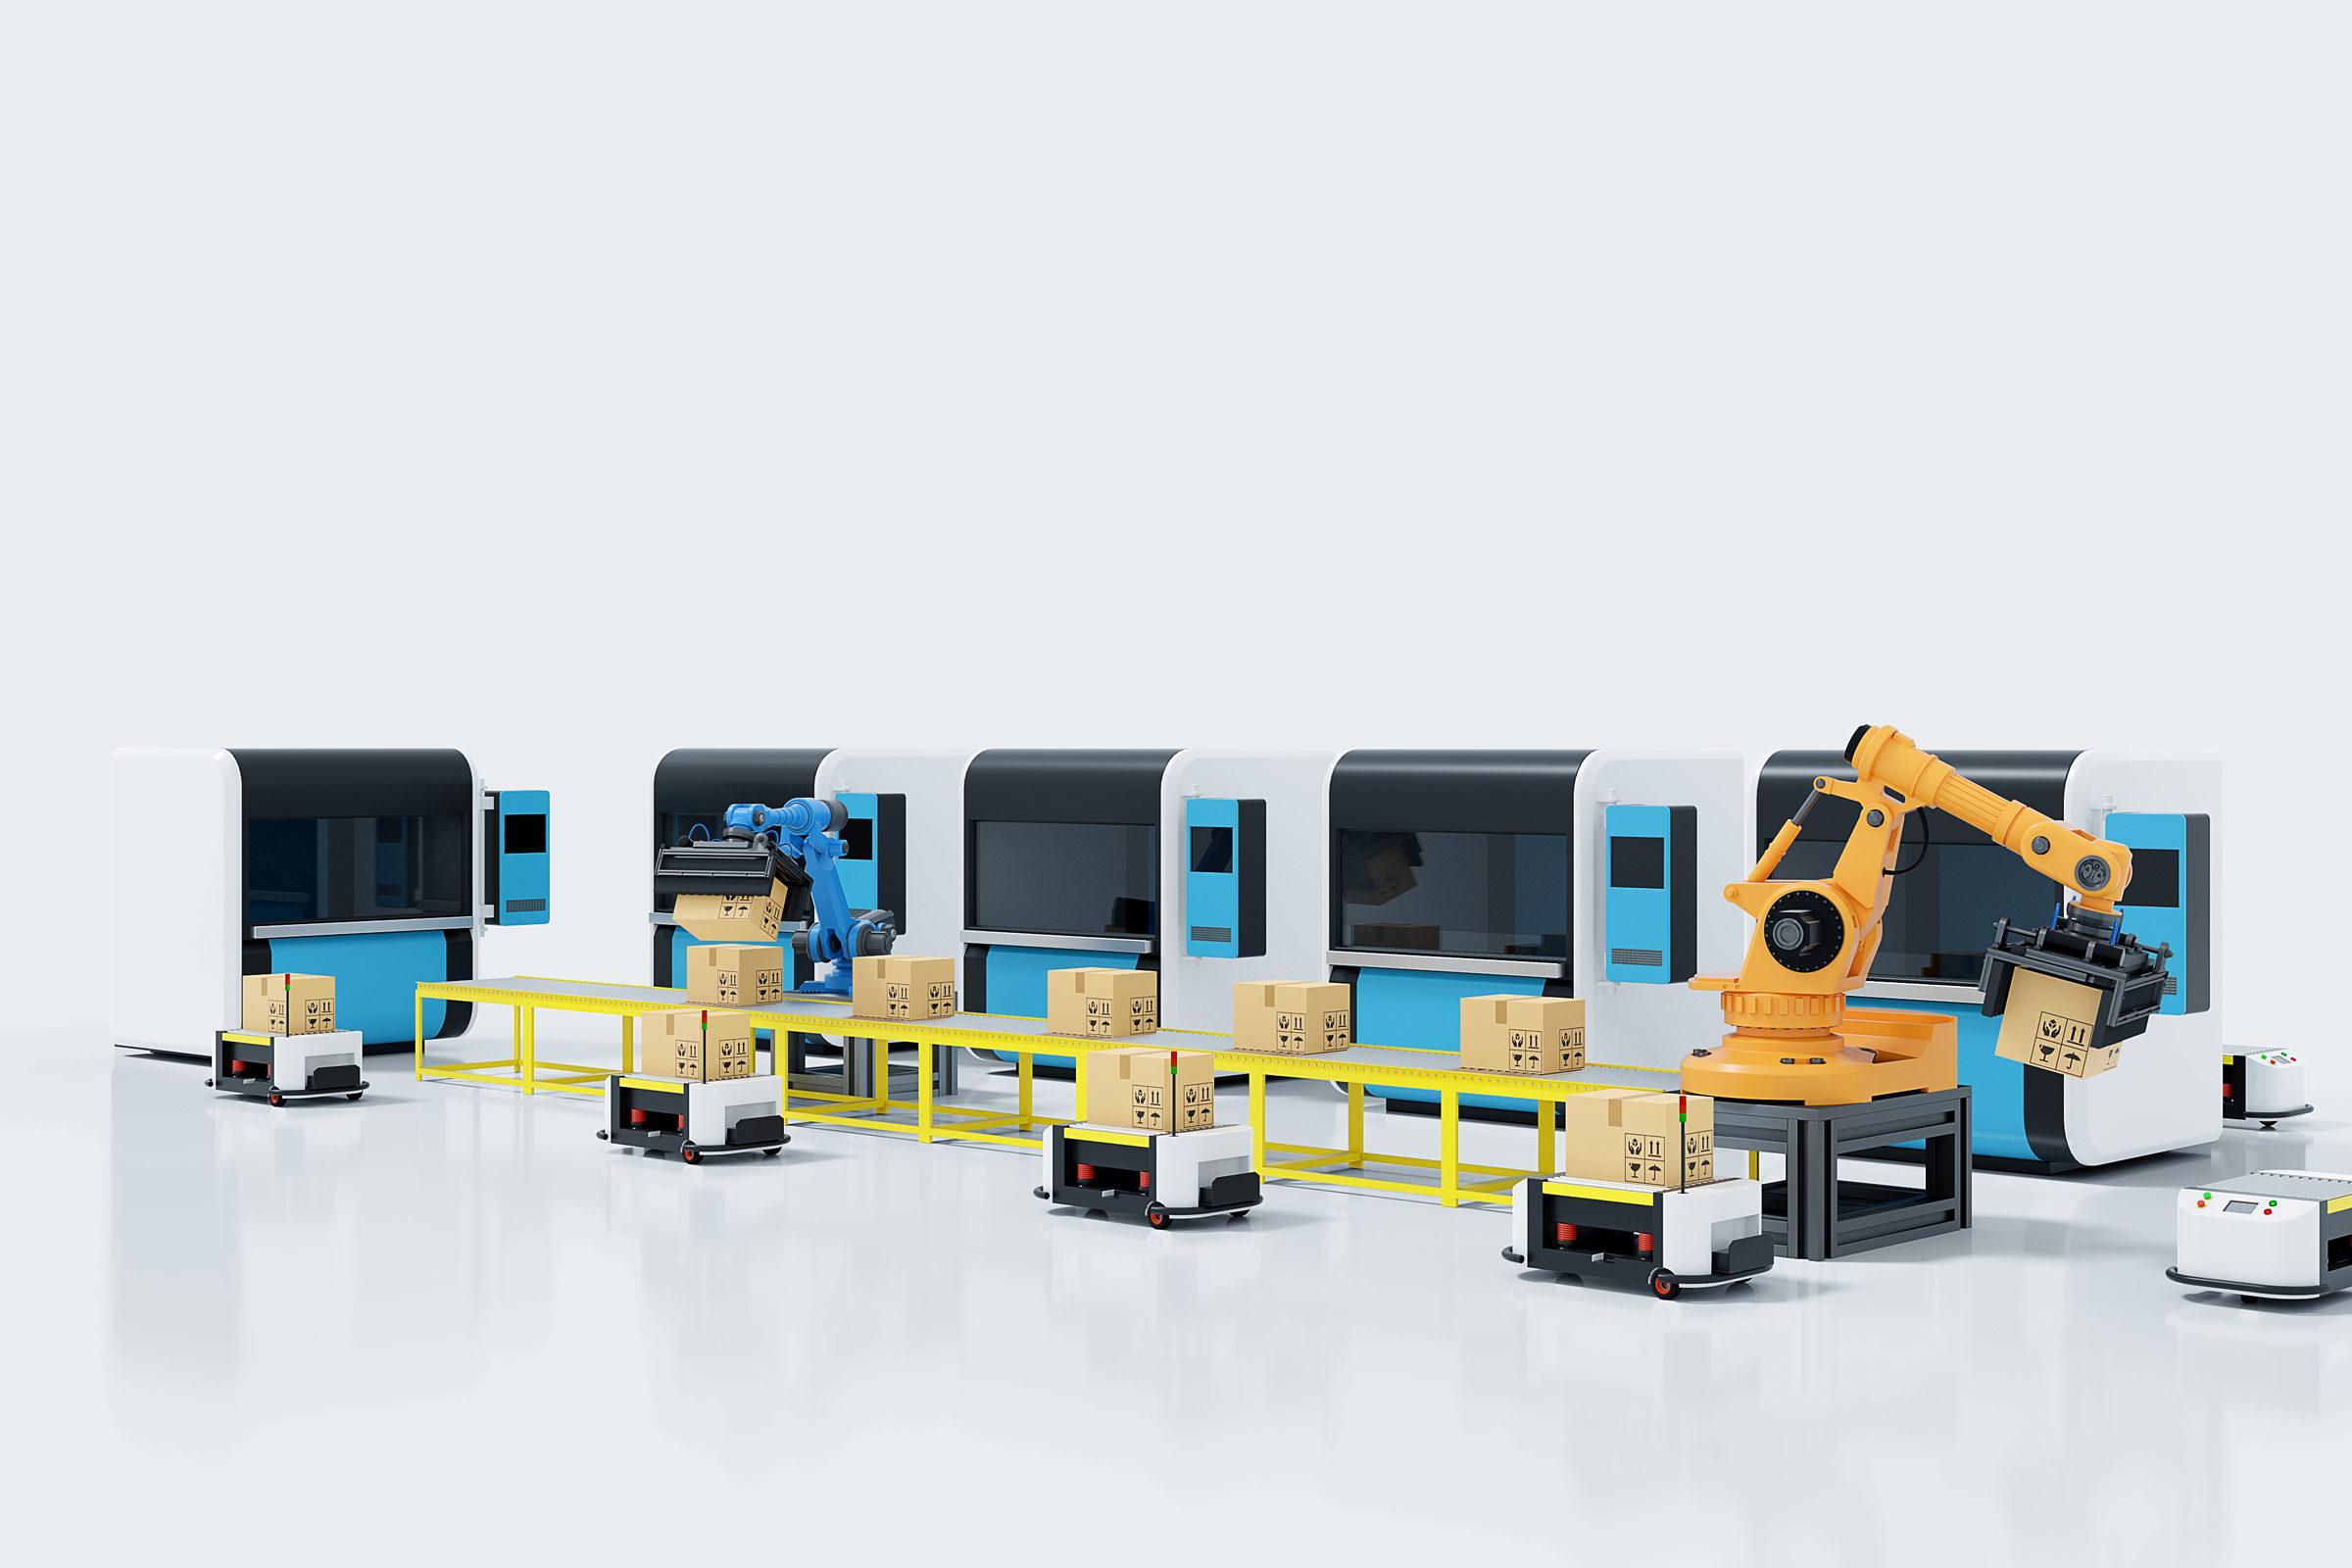 Fabrikautomation mit AGVs, 3D-Druckern und Roboterarm